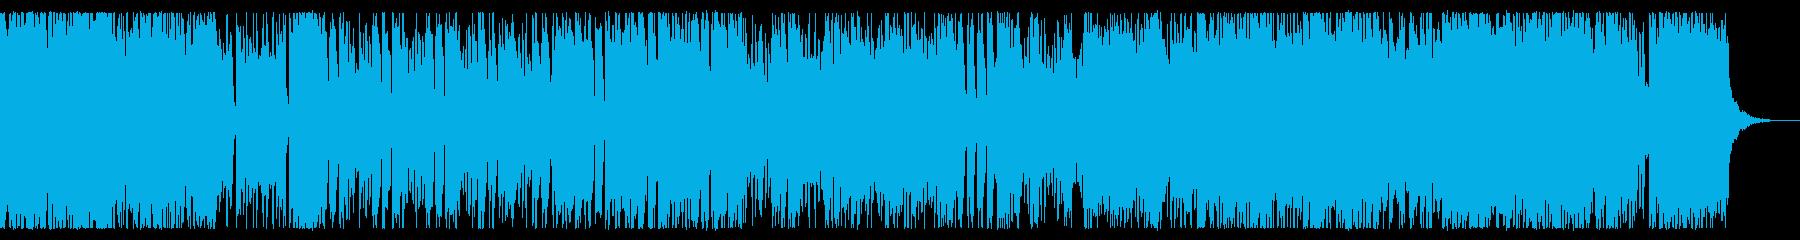 疾走感のあるクールなチップチューンの再生済みの波形